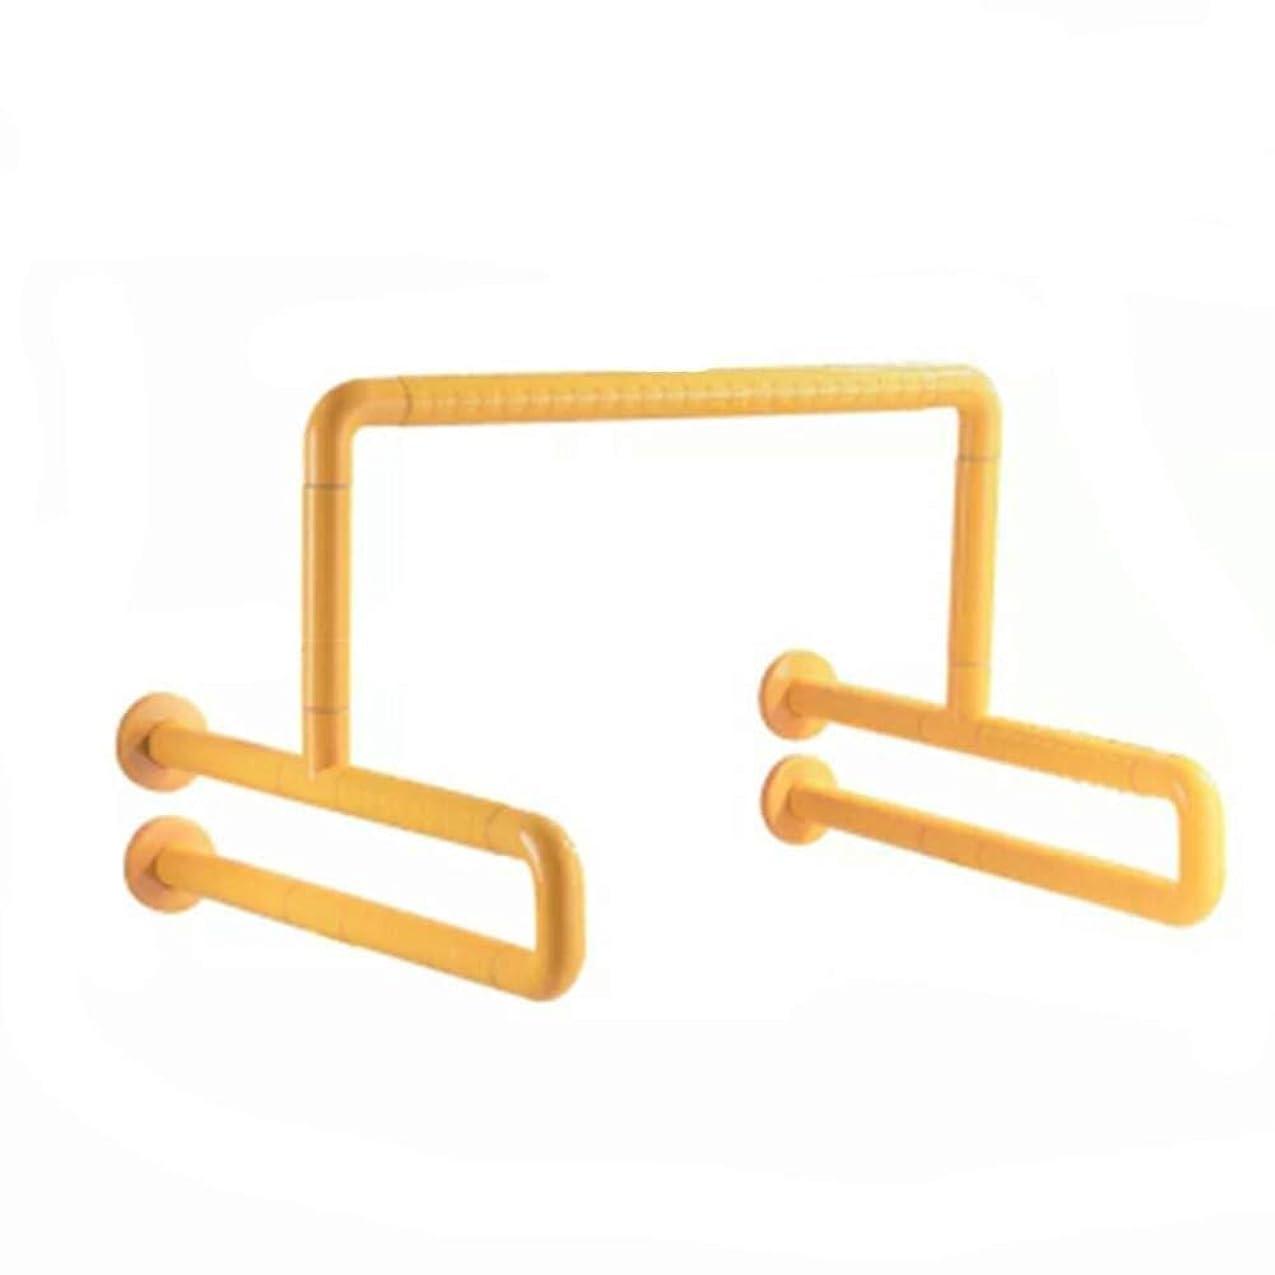 何か添加剤倫理XWYFS 高齢者のグラブレール用バスグラブ浴室バランスバー-便器手すりステンレス鋼の安全無効公衆トイレトイレ 6FS83 (色 : 黄, サイズ : 60x55x38cm)